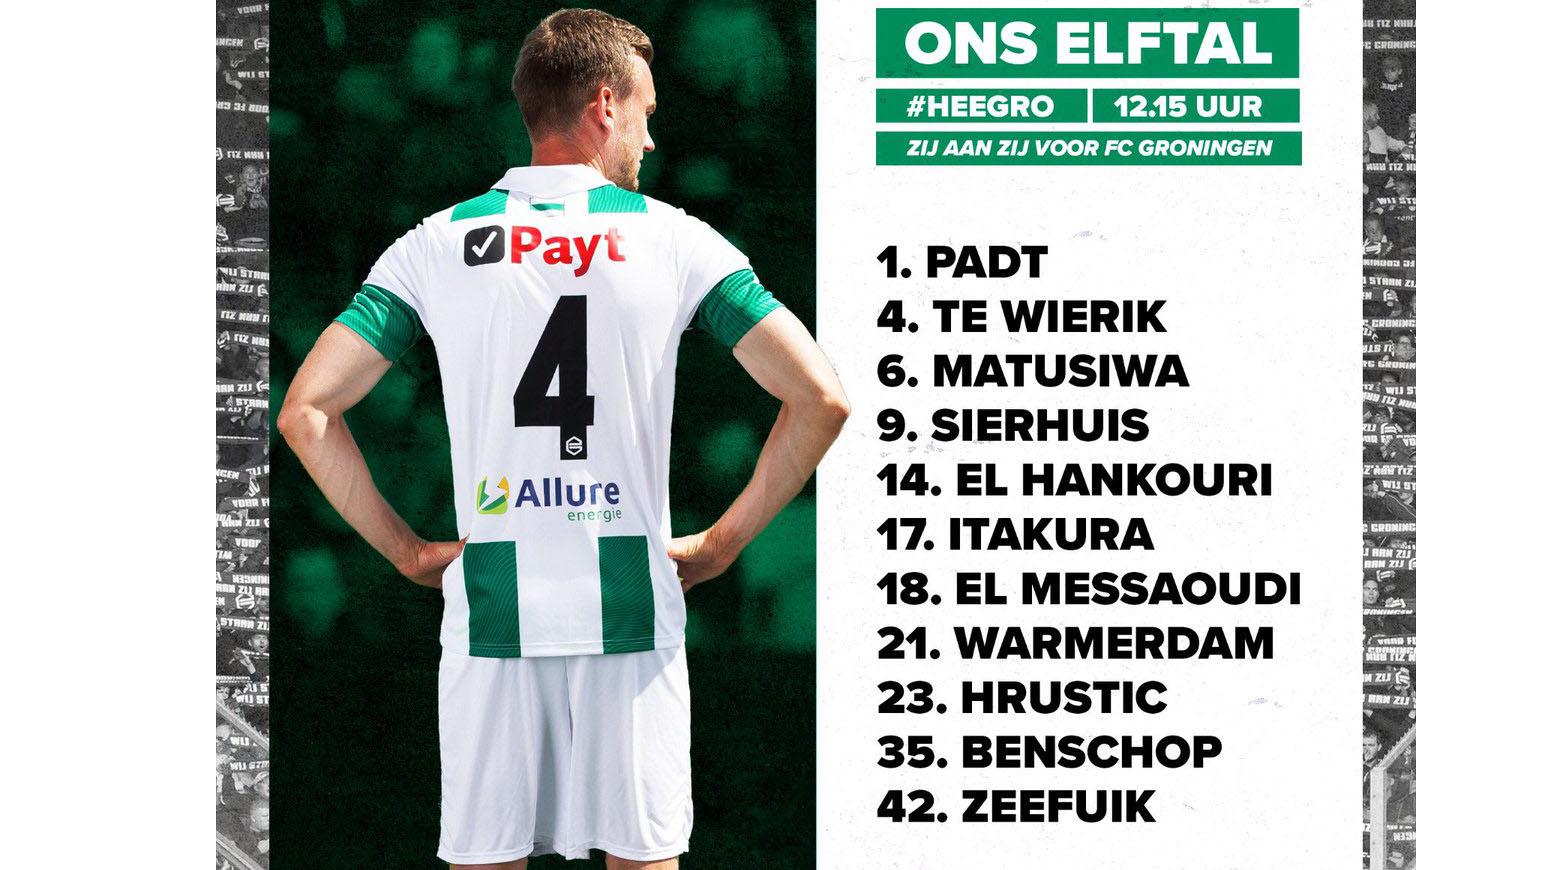 truc tiep bong da hôm nay, Heerenveen đấu với Groningen, trực tiếp bóng đá, Đoàn Văn Hậu, Văn Hậu, xem bóng đá trực tuyến, HTV Thể thao, BĐTV, Bóng đá TV, bóng đá Hà Lan